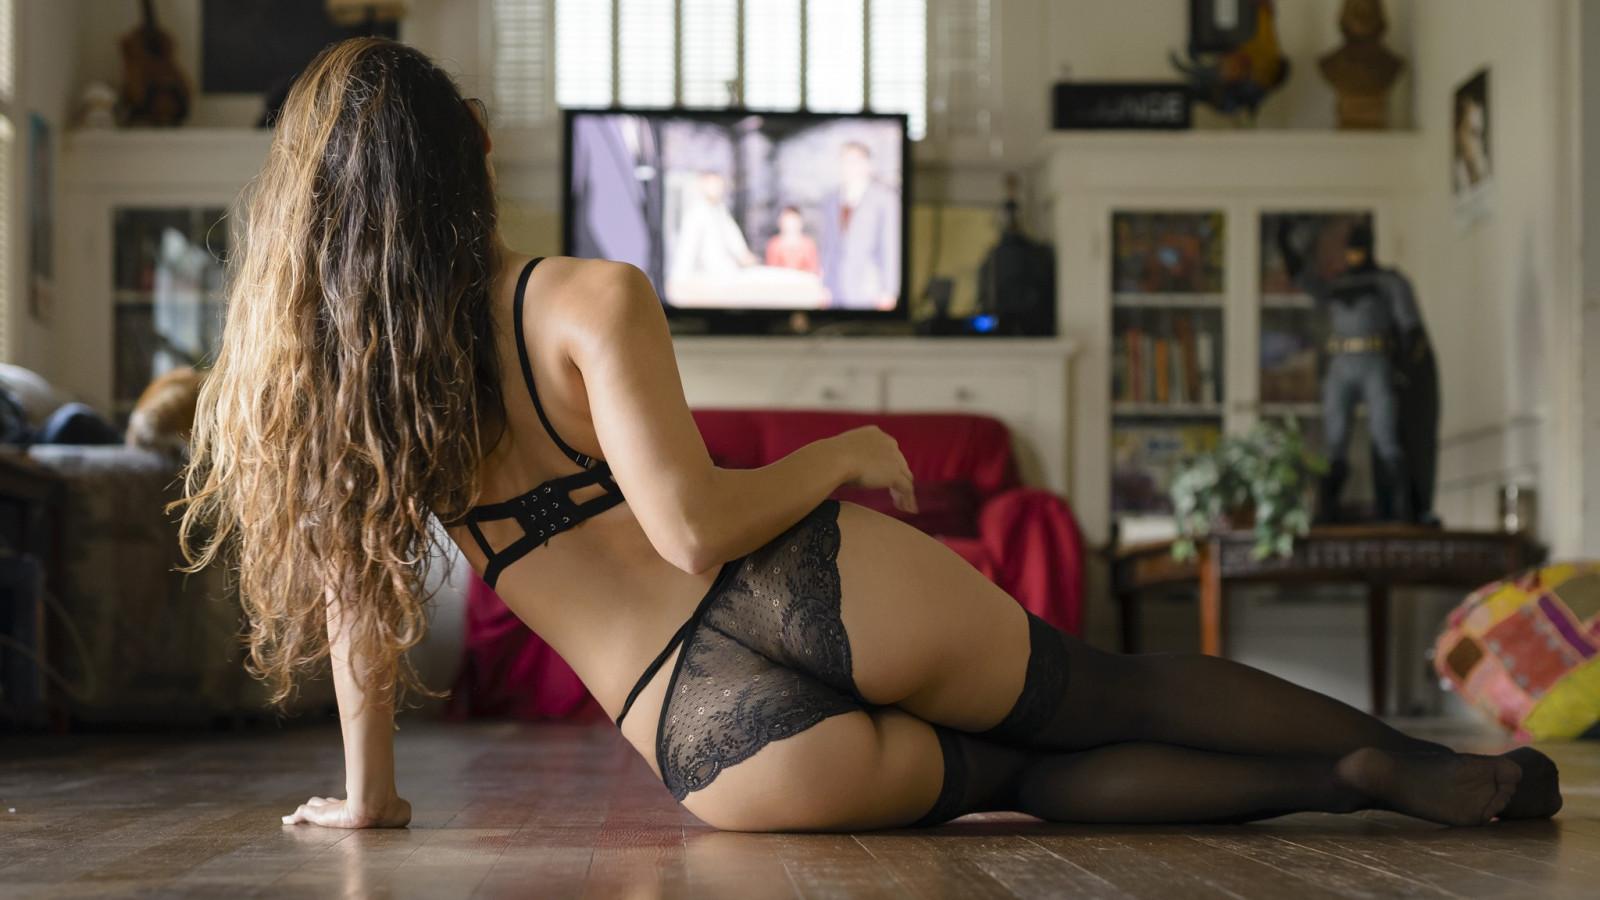 Брюнетка с длинными ногами в черных чулках на полу фото